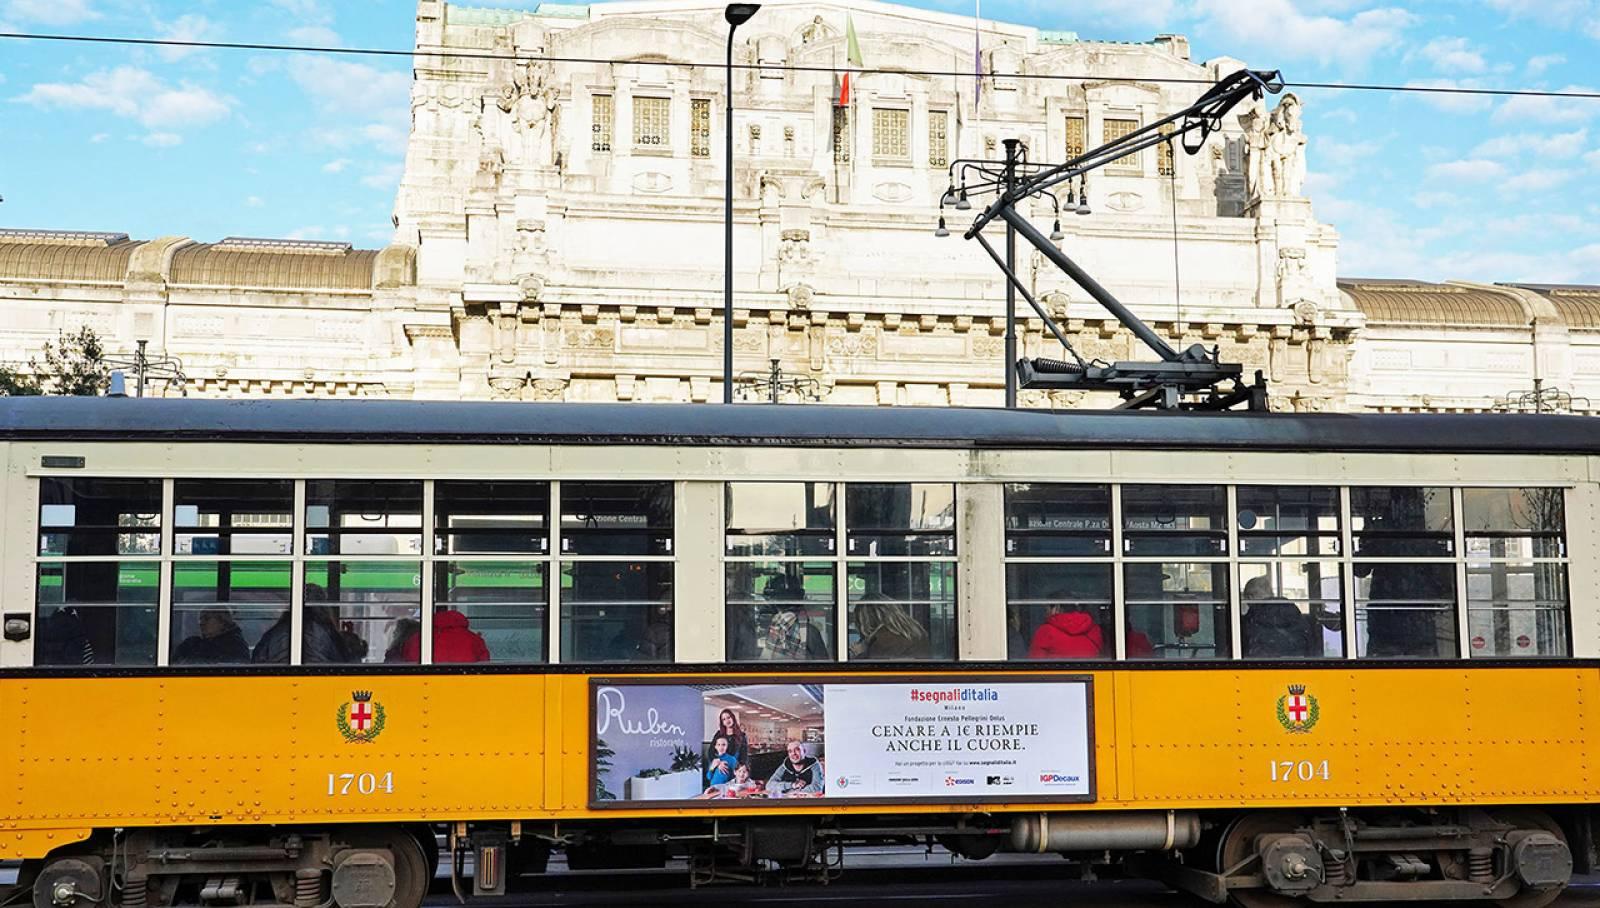 Pubblicità su tram IGPDecaux a Milano Side Banner per Segnali d'Italia